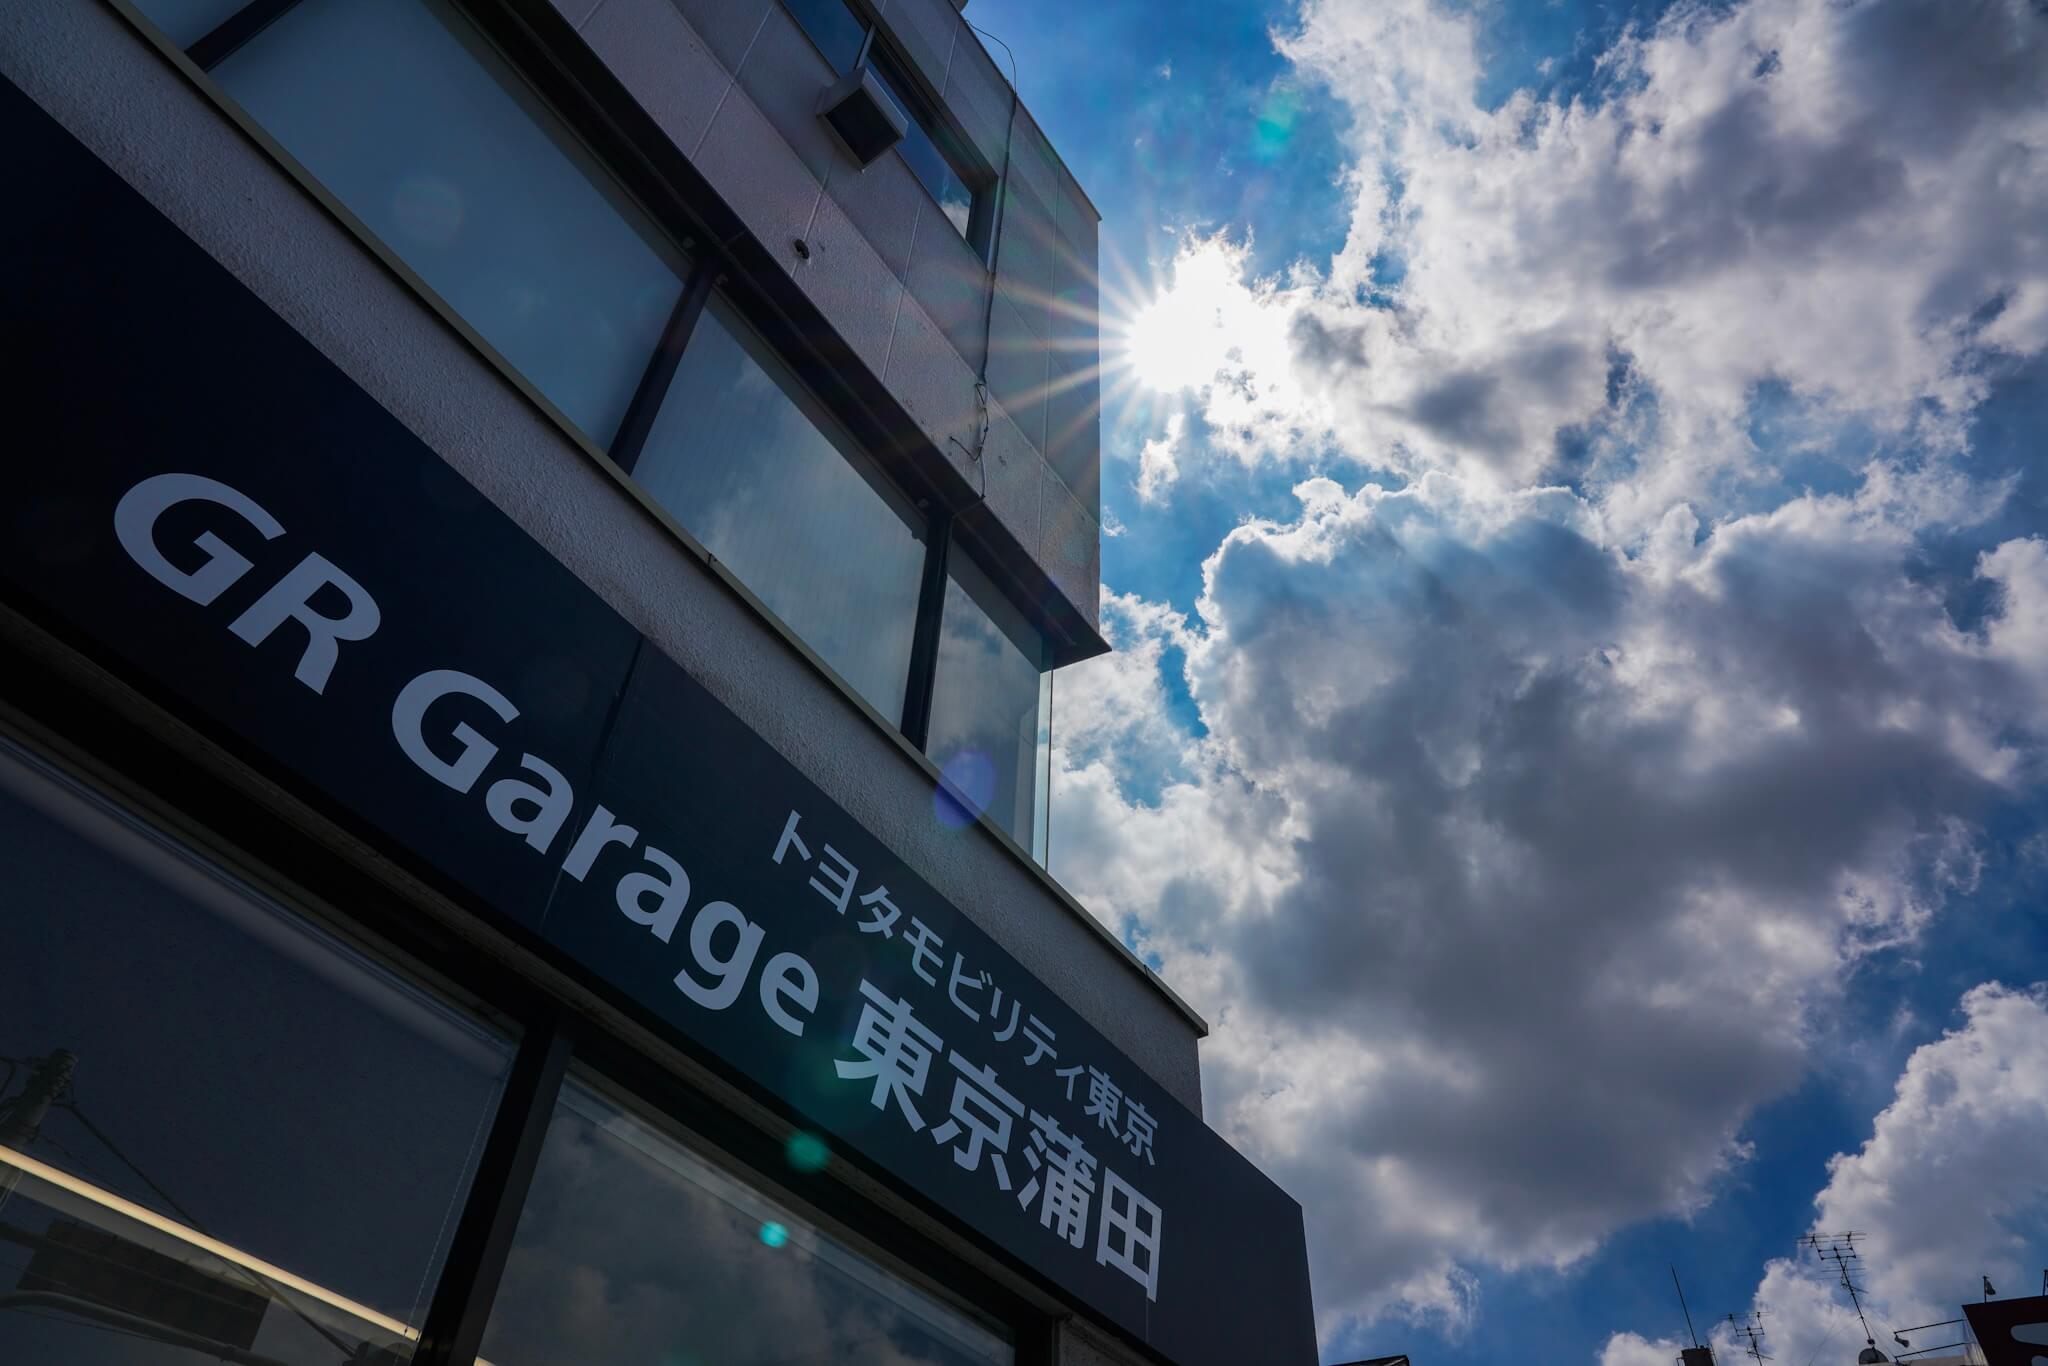 GR Garage東京蒲田